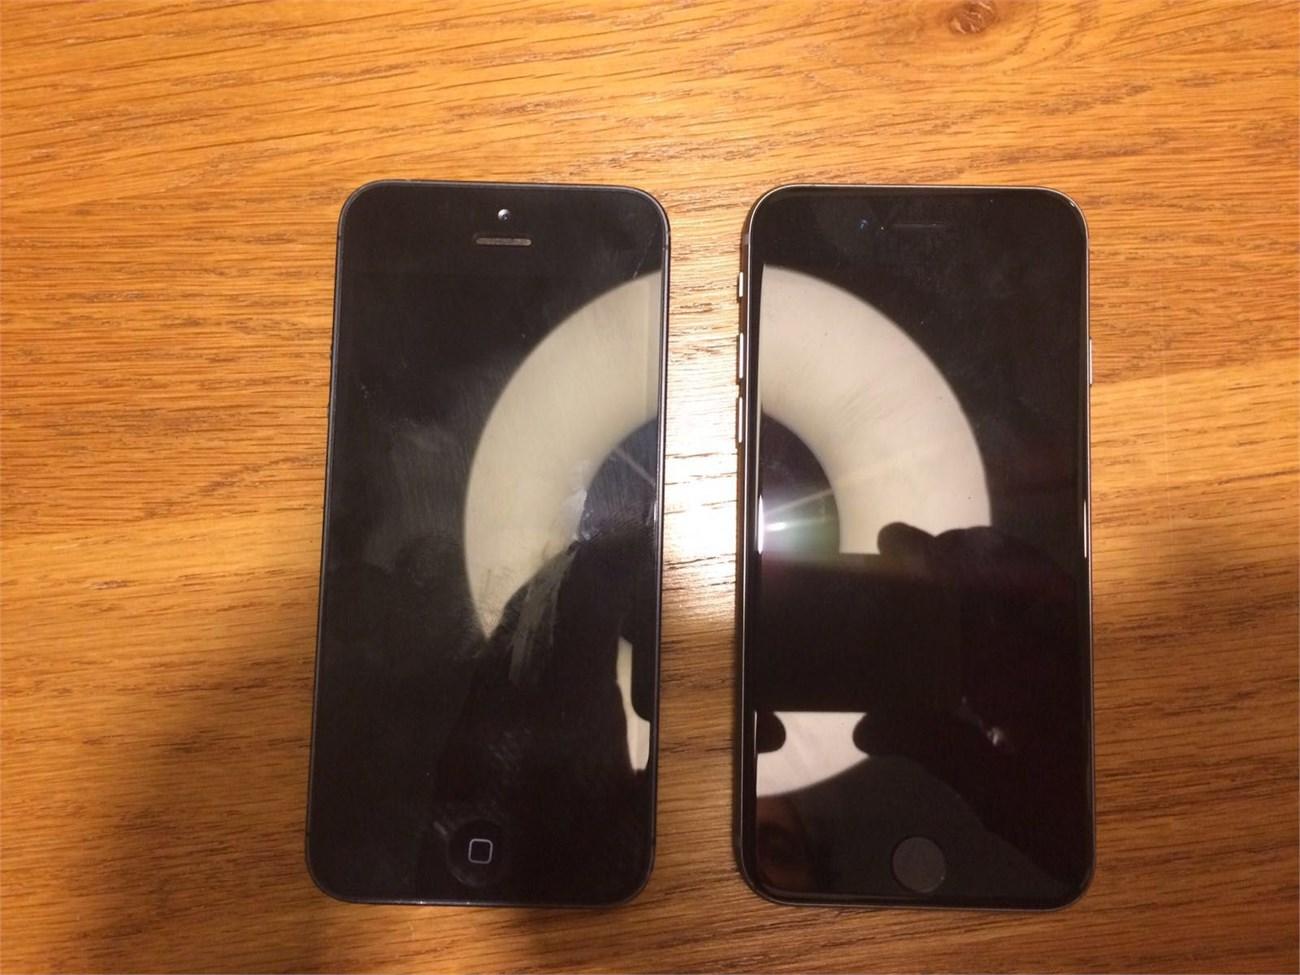 iPhone 5SE (phải) bên cạnh iPhone 5 (trái)